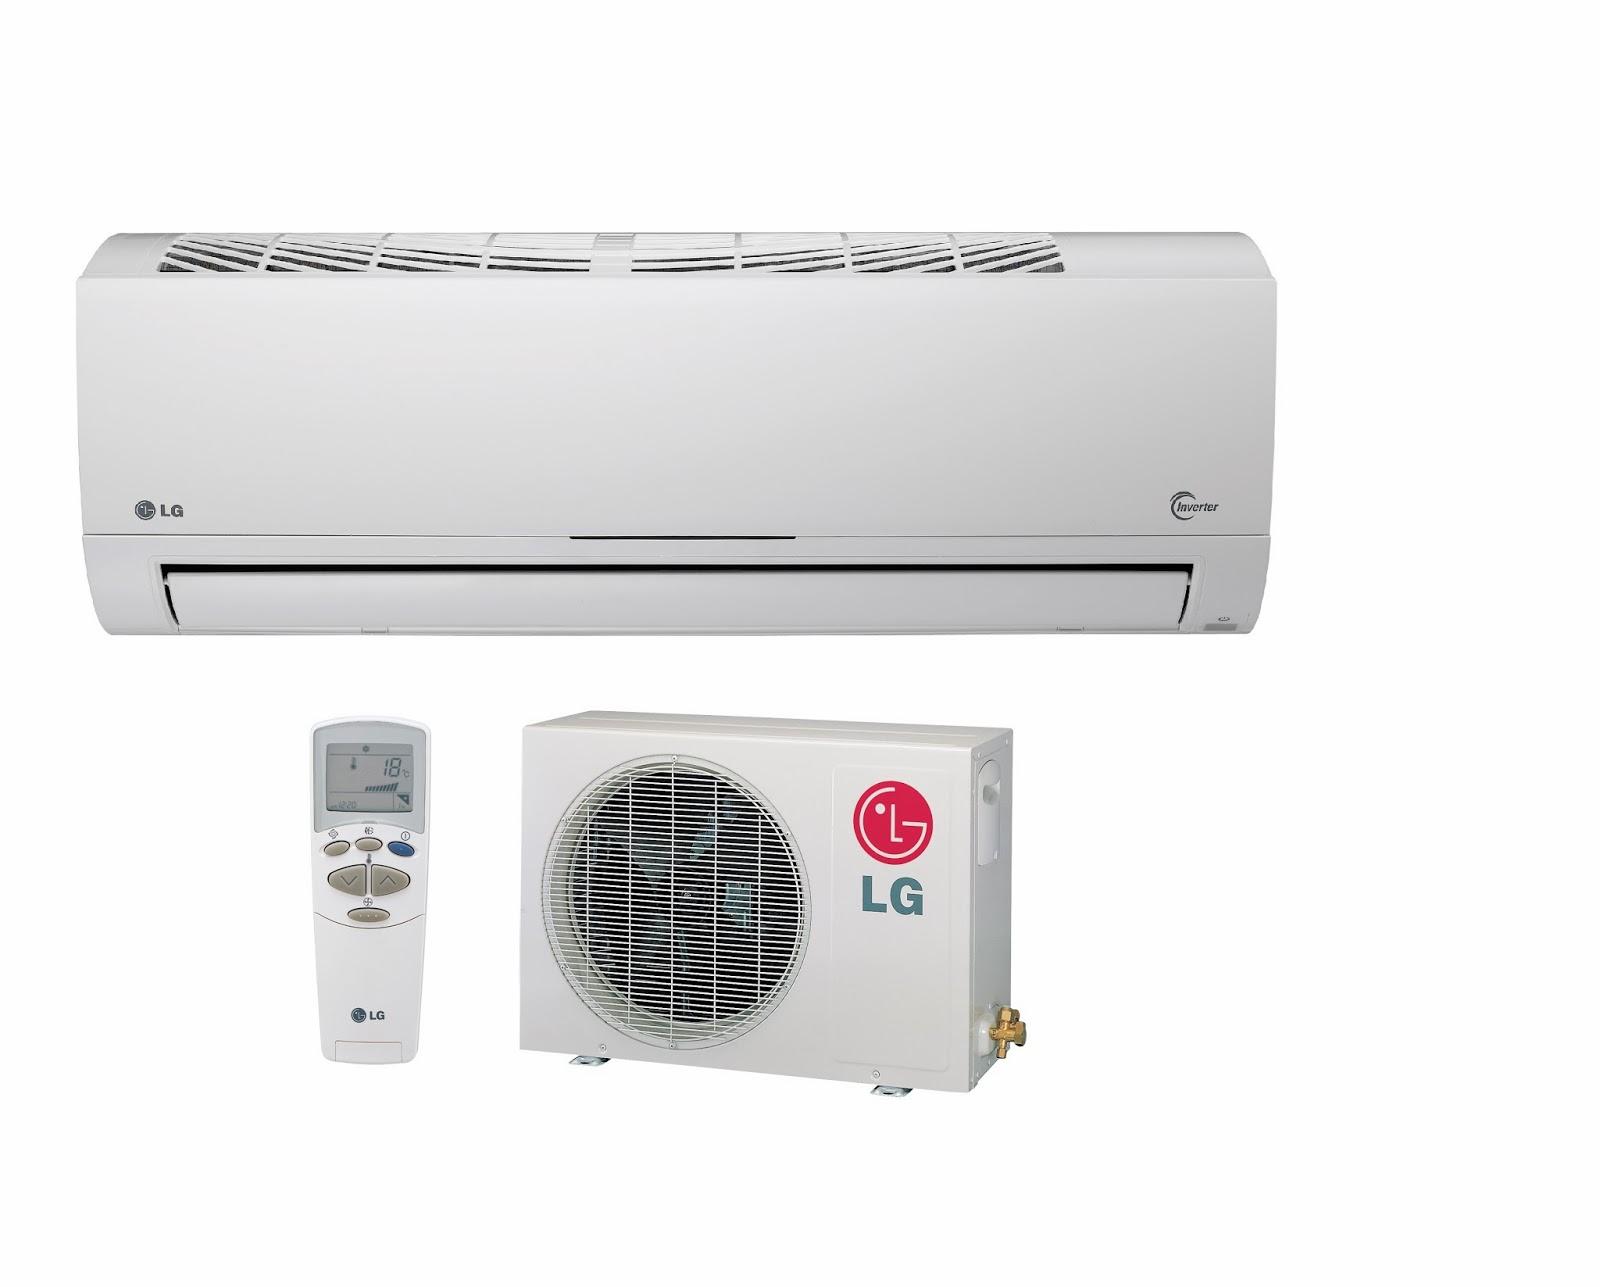 Kits para instalacion de aire acondicionado split octubre - Humidificador para aire acondicionado ...